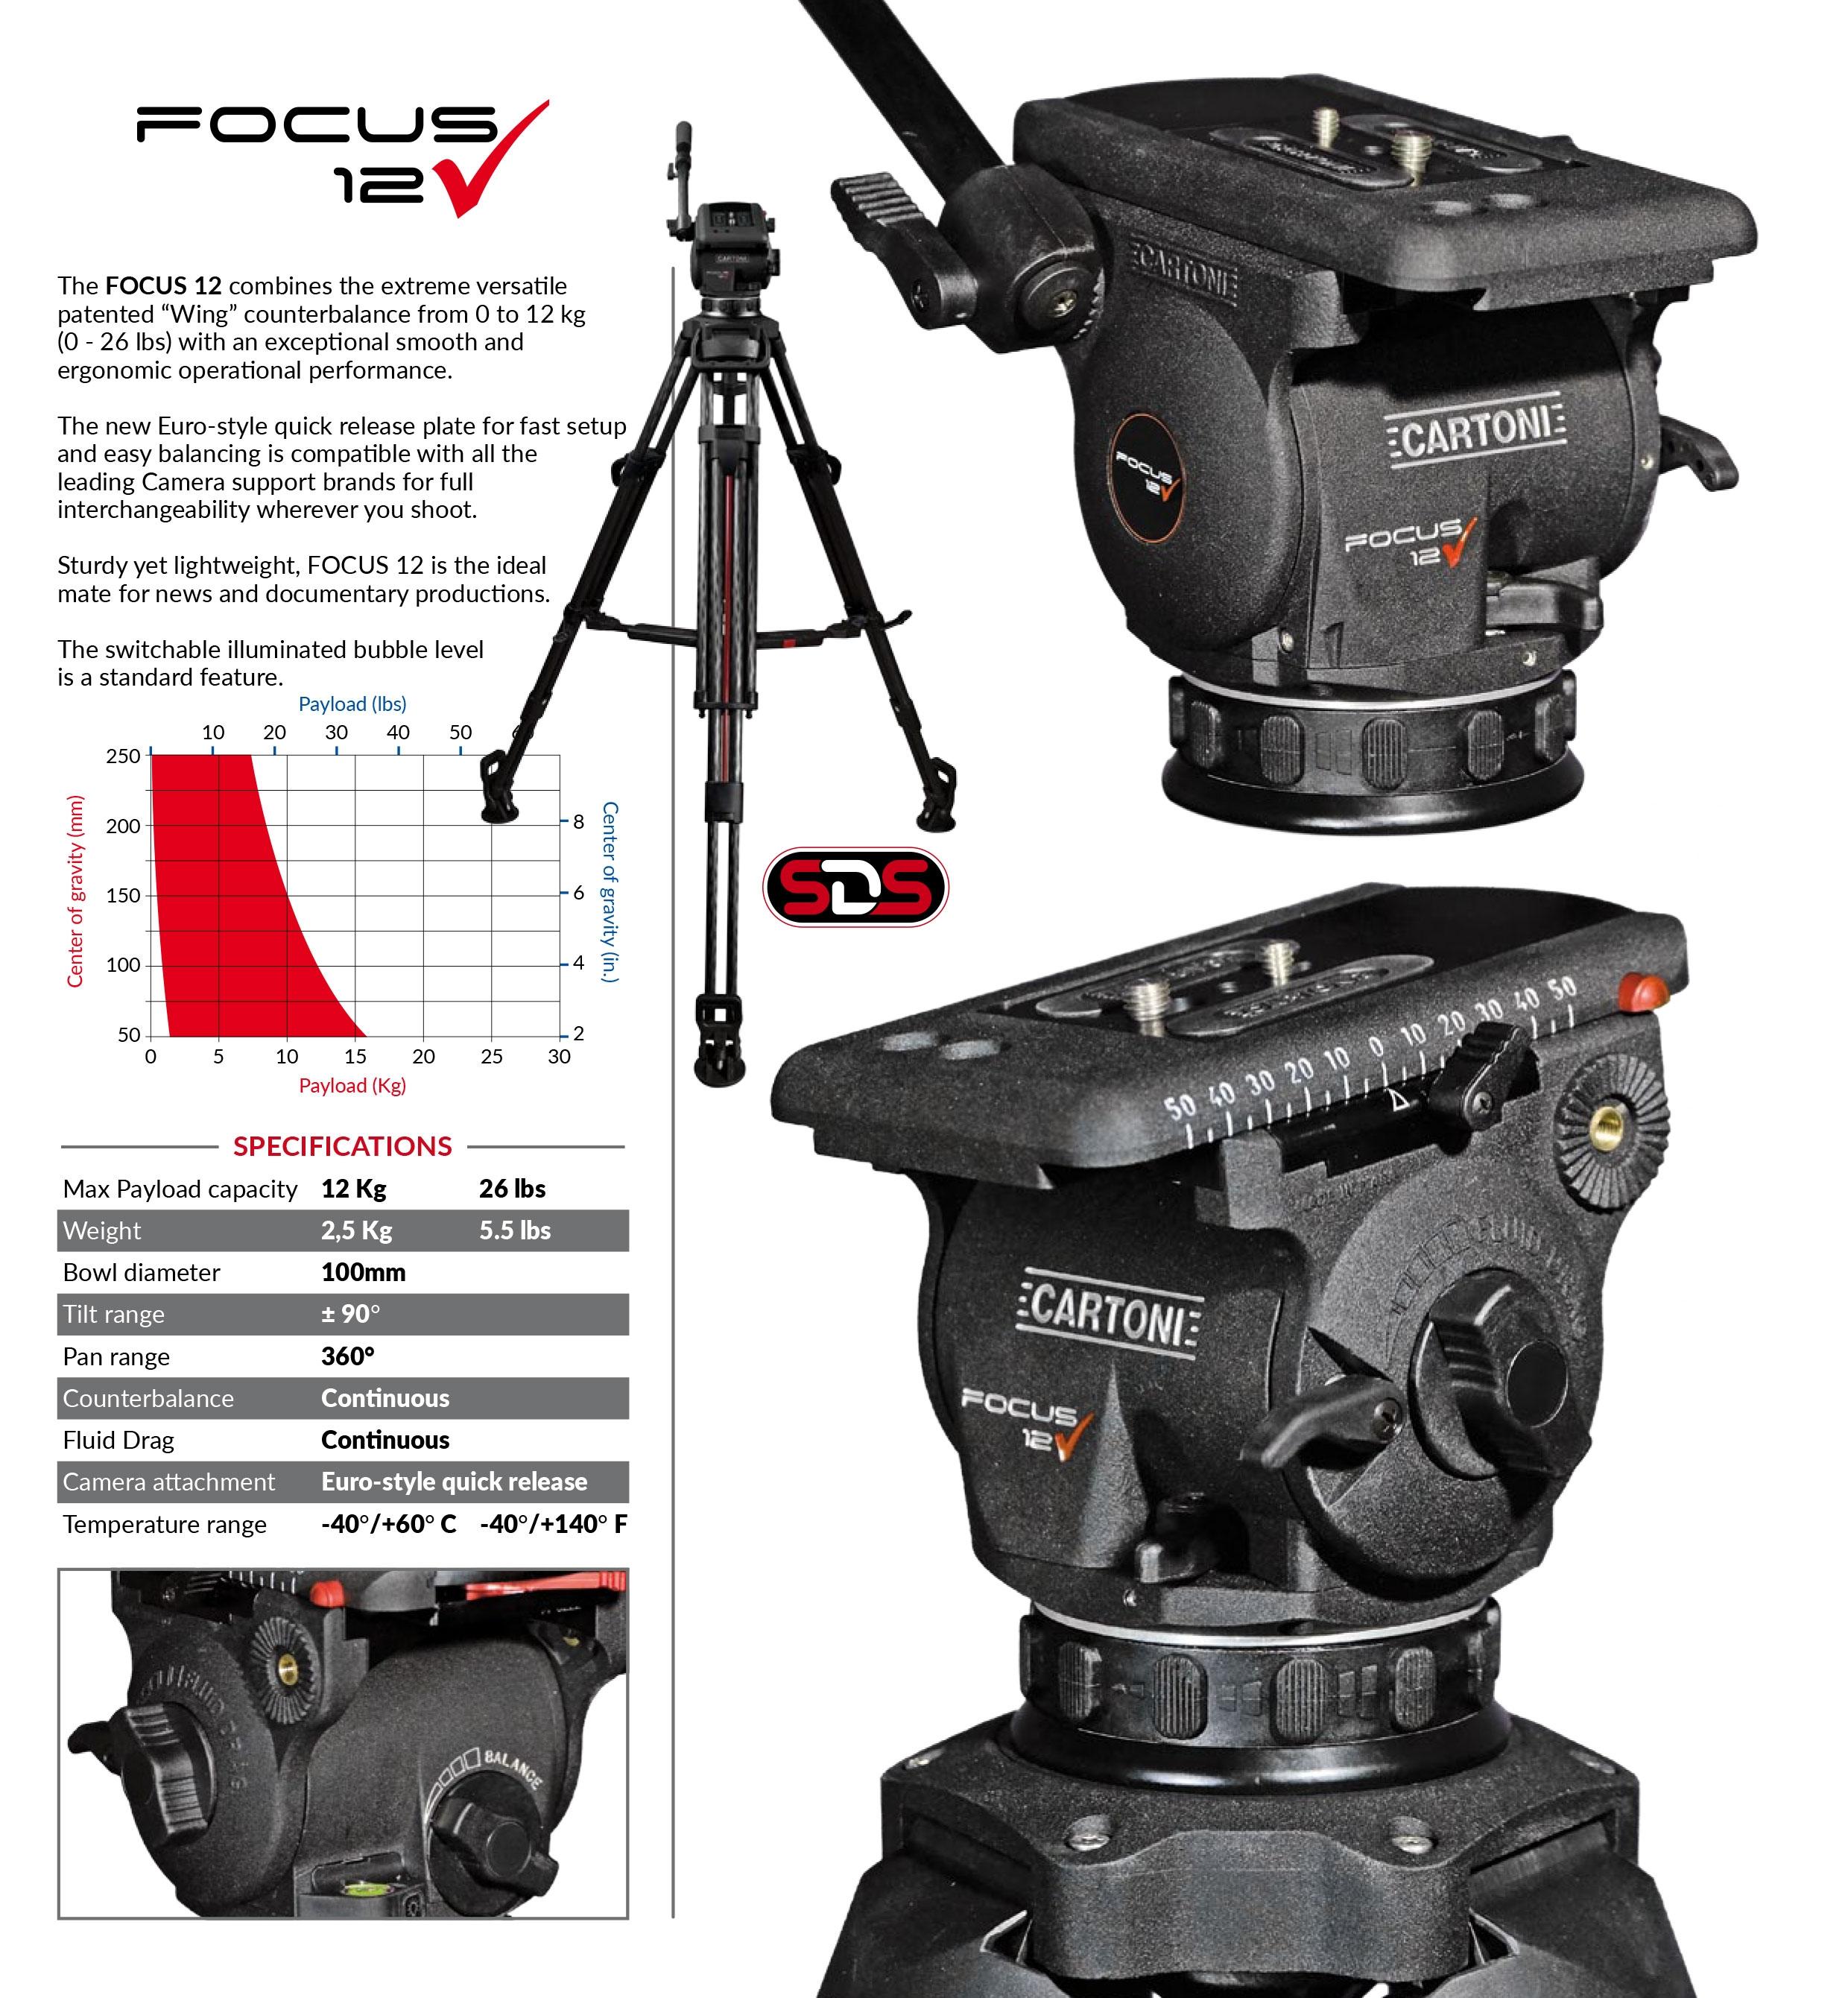 Focus 12 brochure